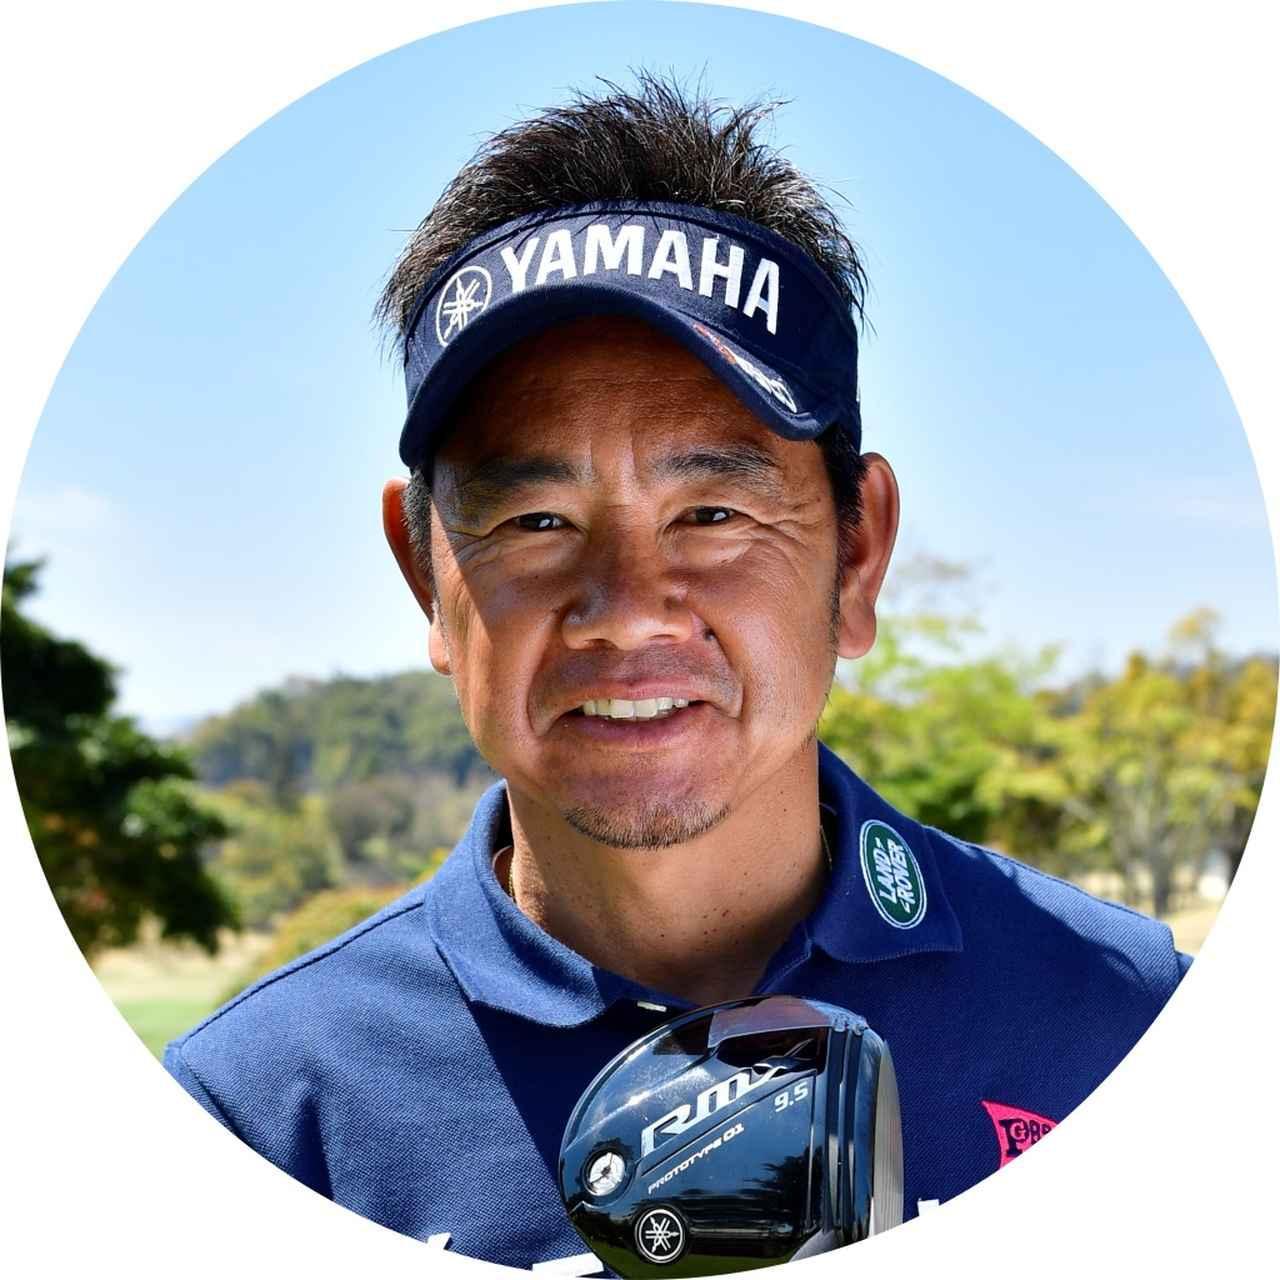 画像: 【解説】藤田寛之 43歳で自身初の賞金王に輝き、50歳になる今年もレギュラーツアーを中心に戦う中年の星